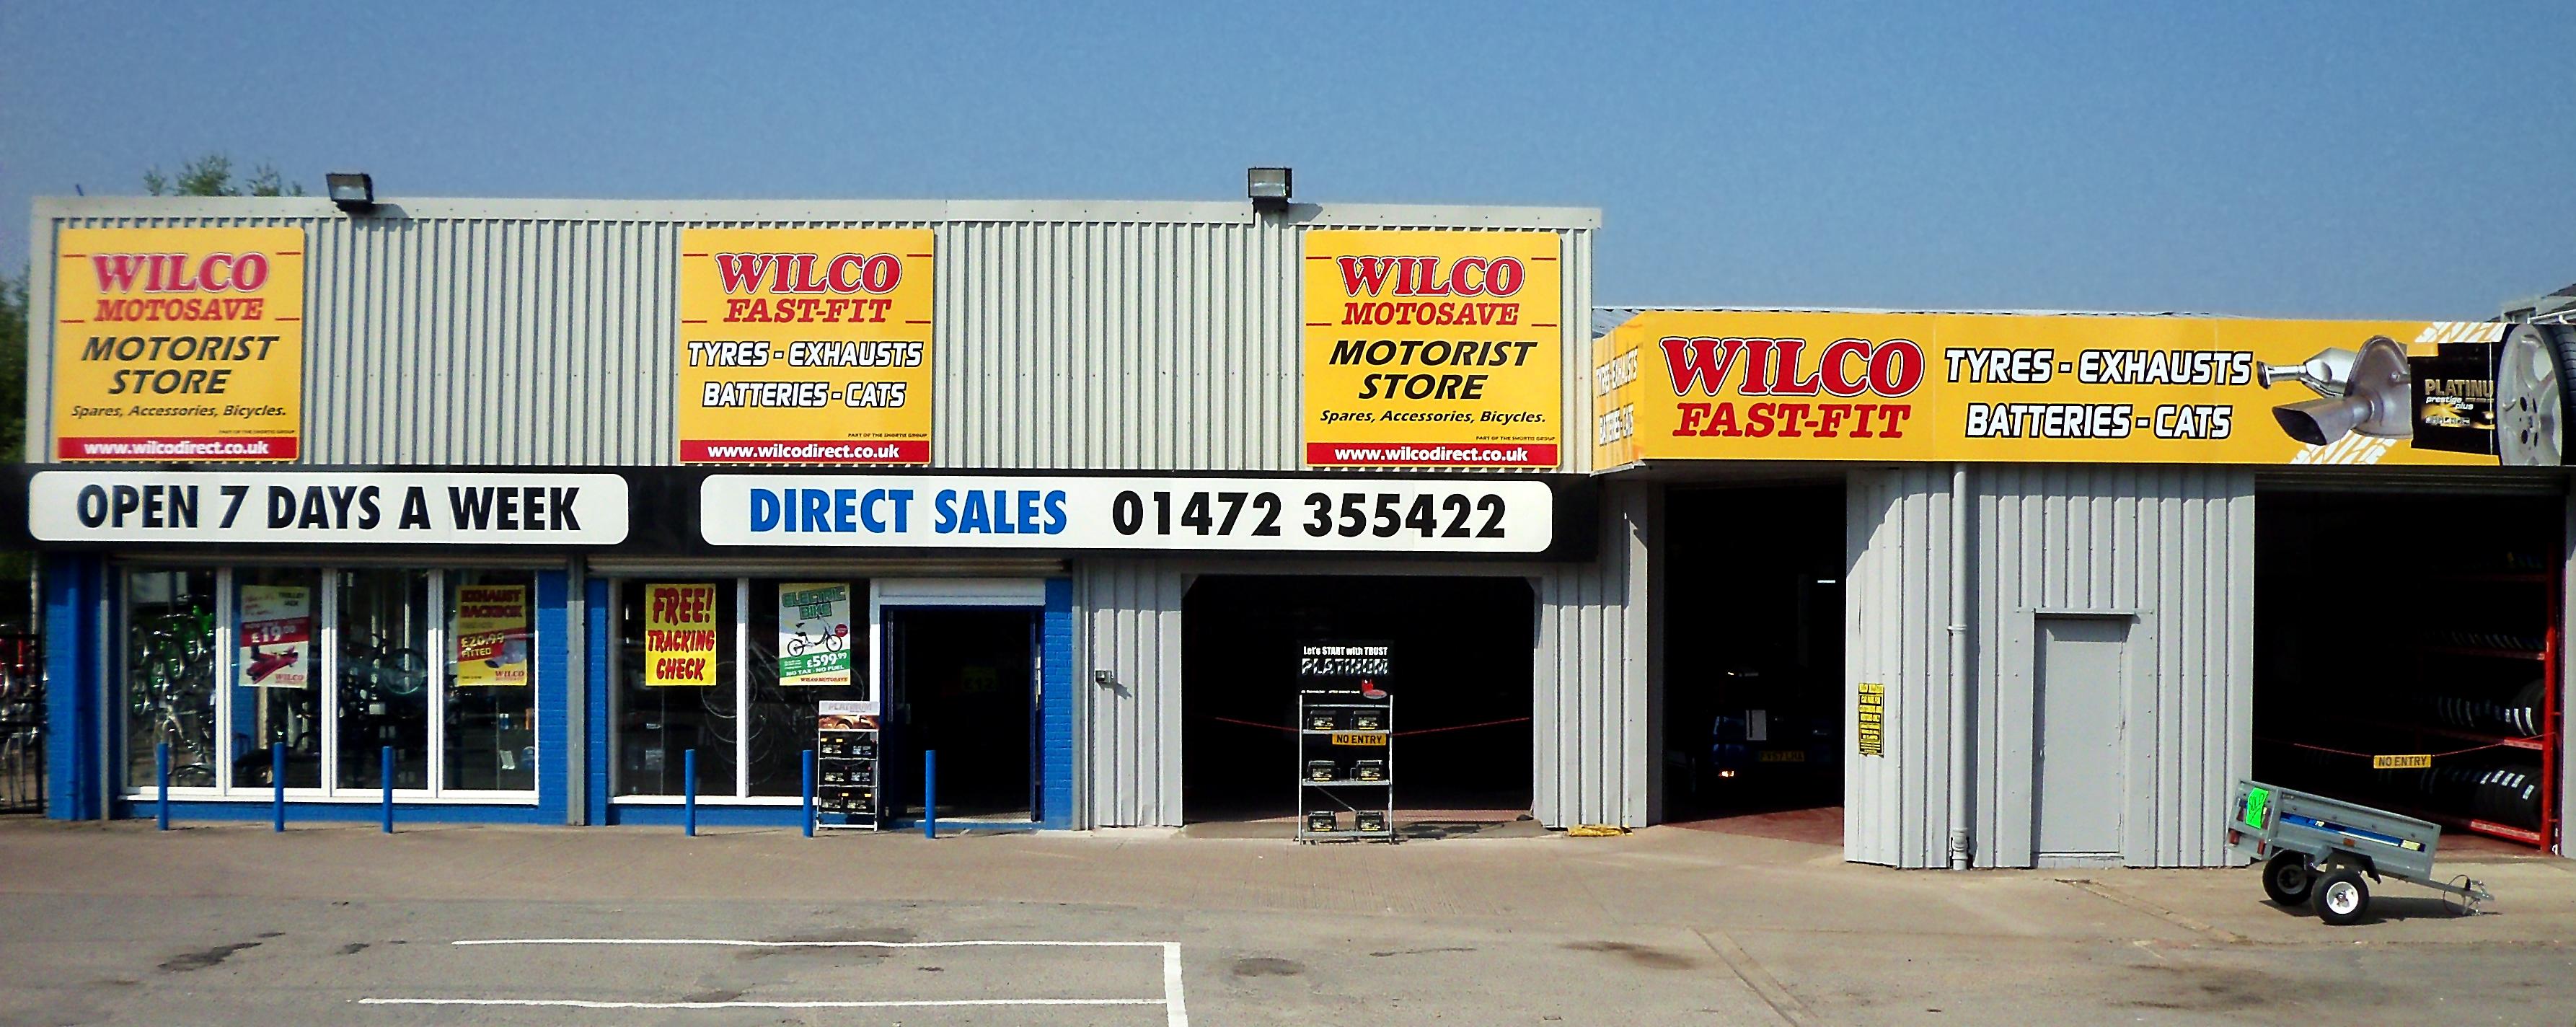 Wilco Motosave - Grimsby, Lincolnshire DN32 9ED - 01472 355422 | ShowMeLocal.com